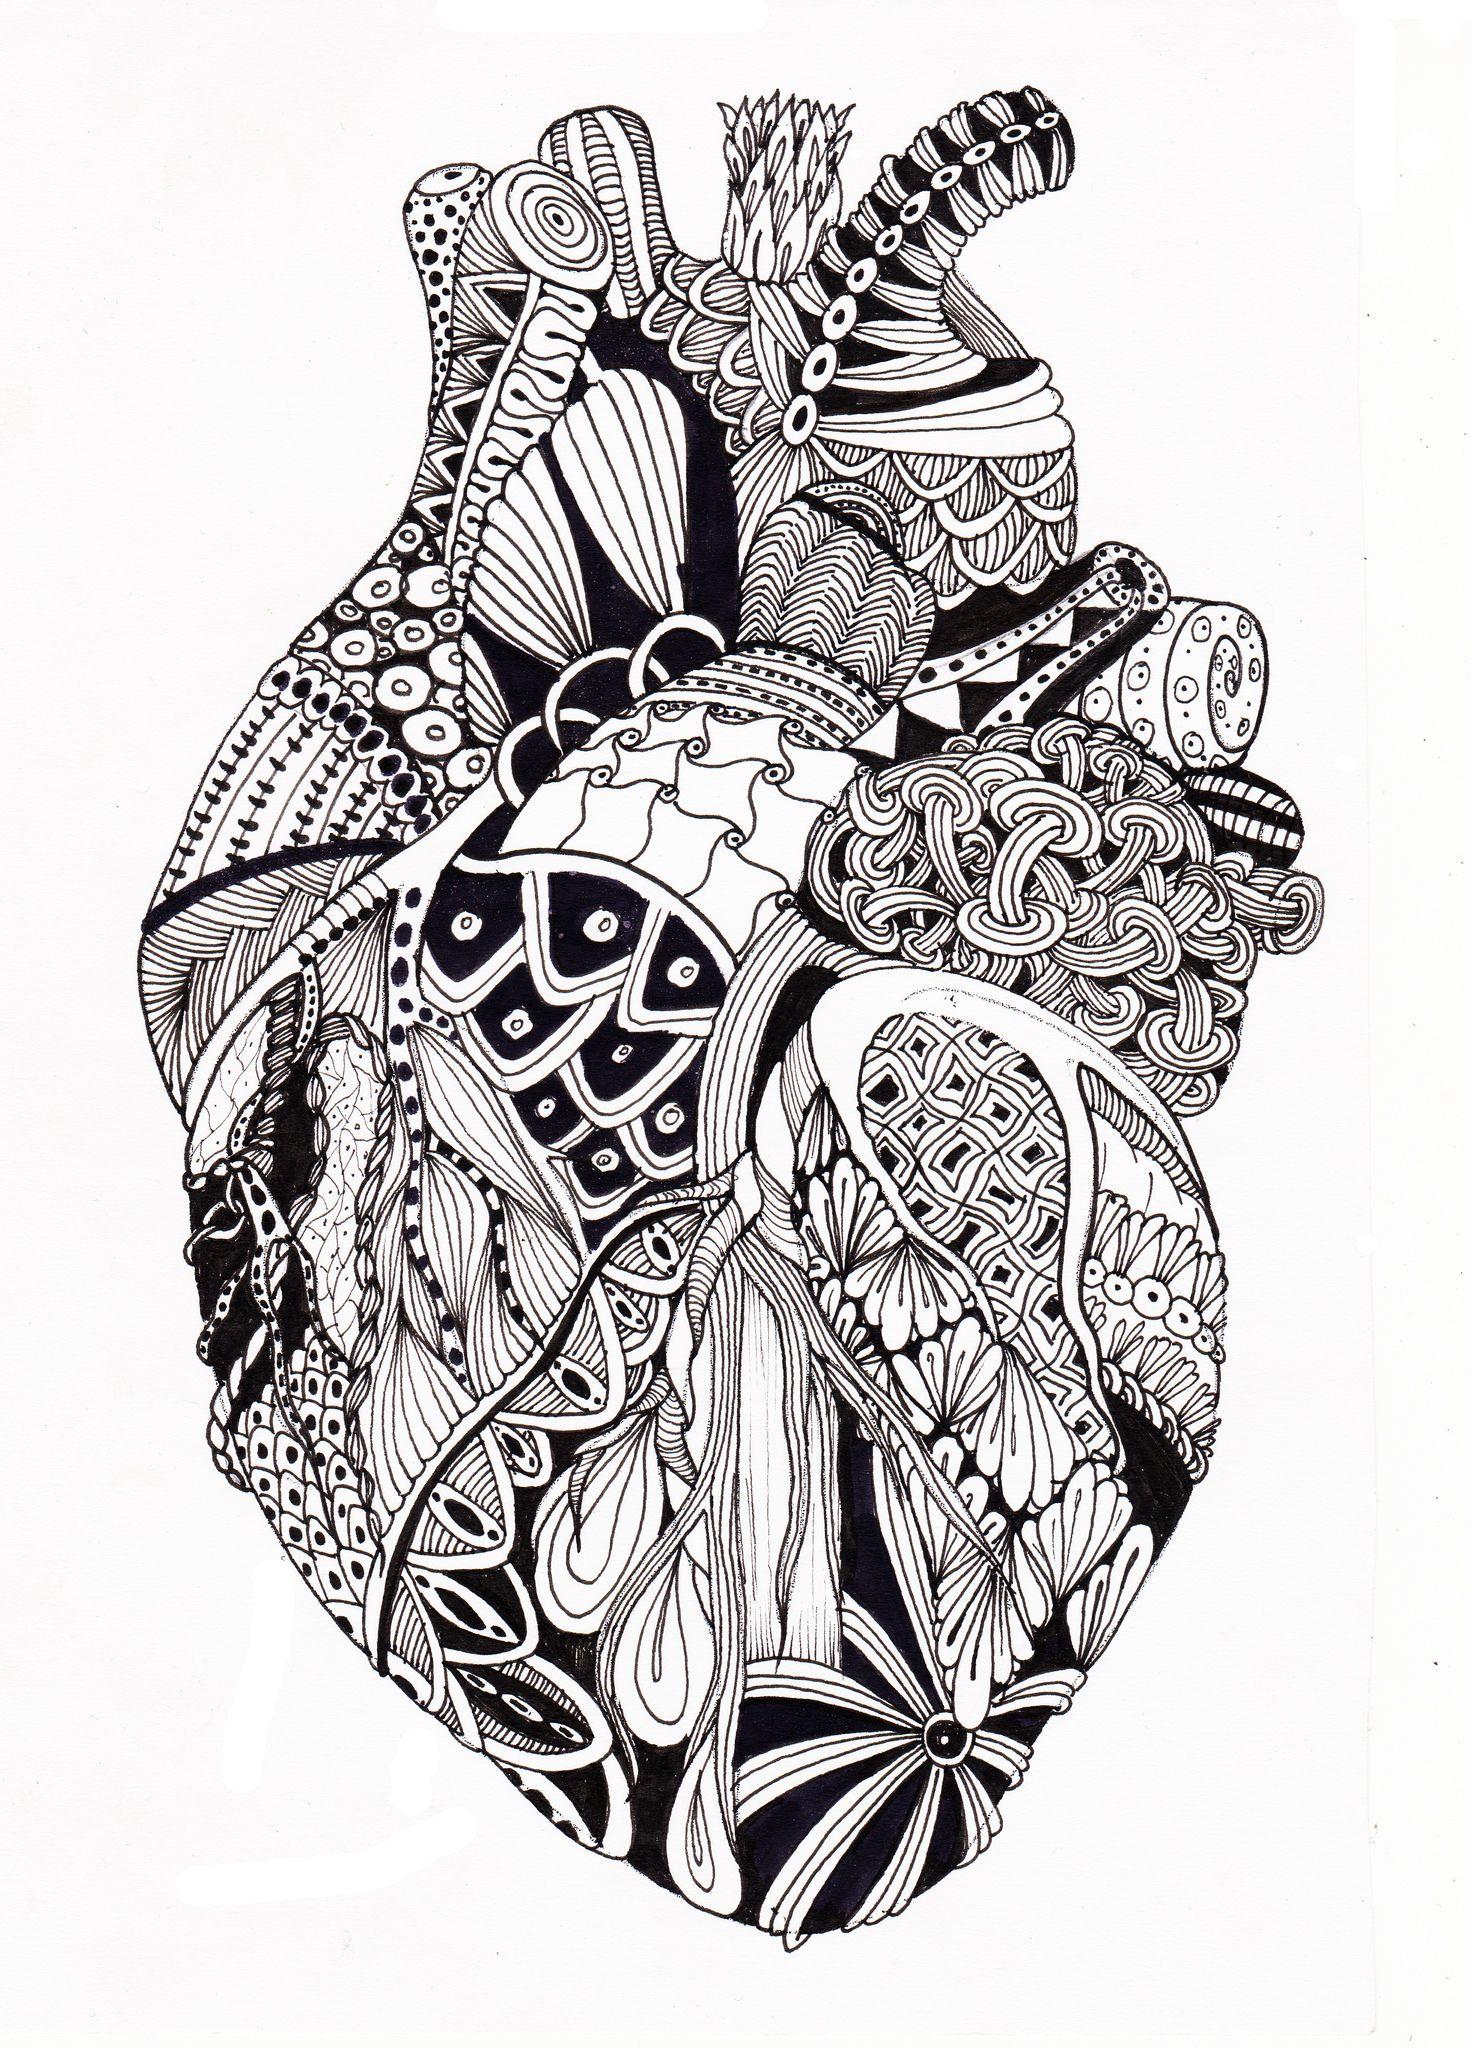 zen heart1 en 2019 schere Zeichnungen